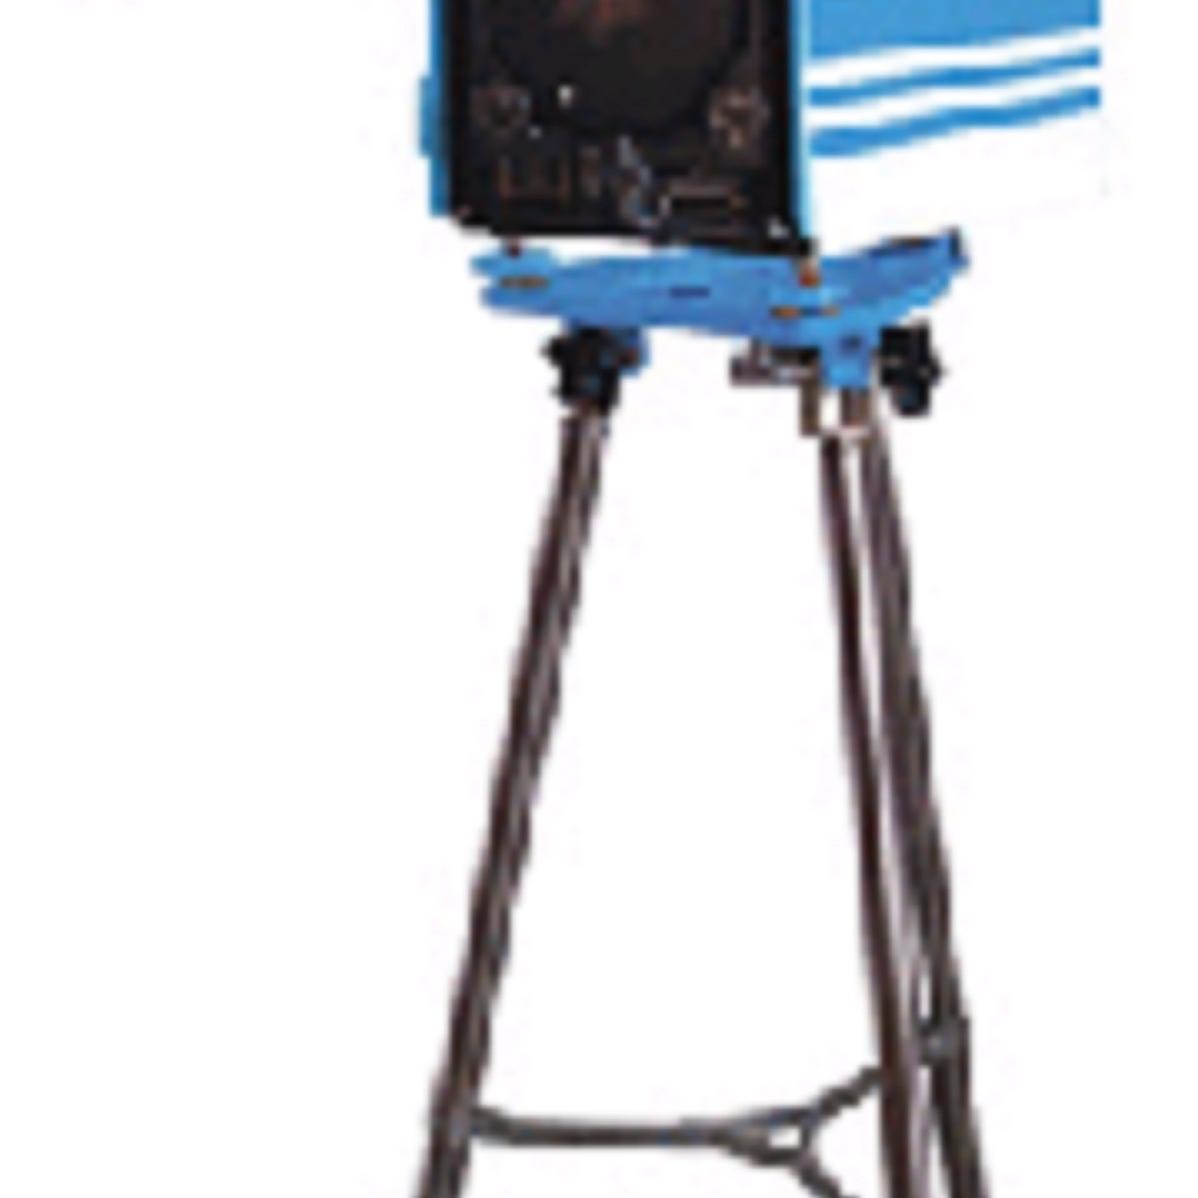 前照灯检测仪近光校准器